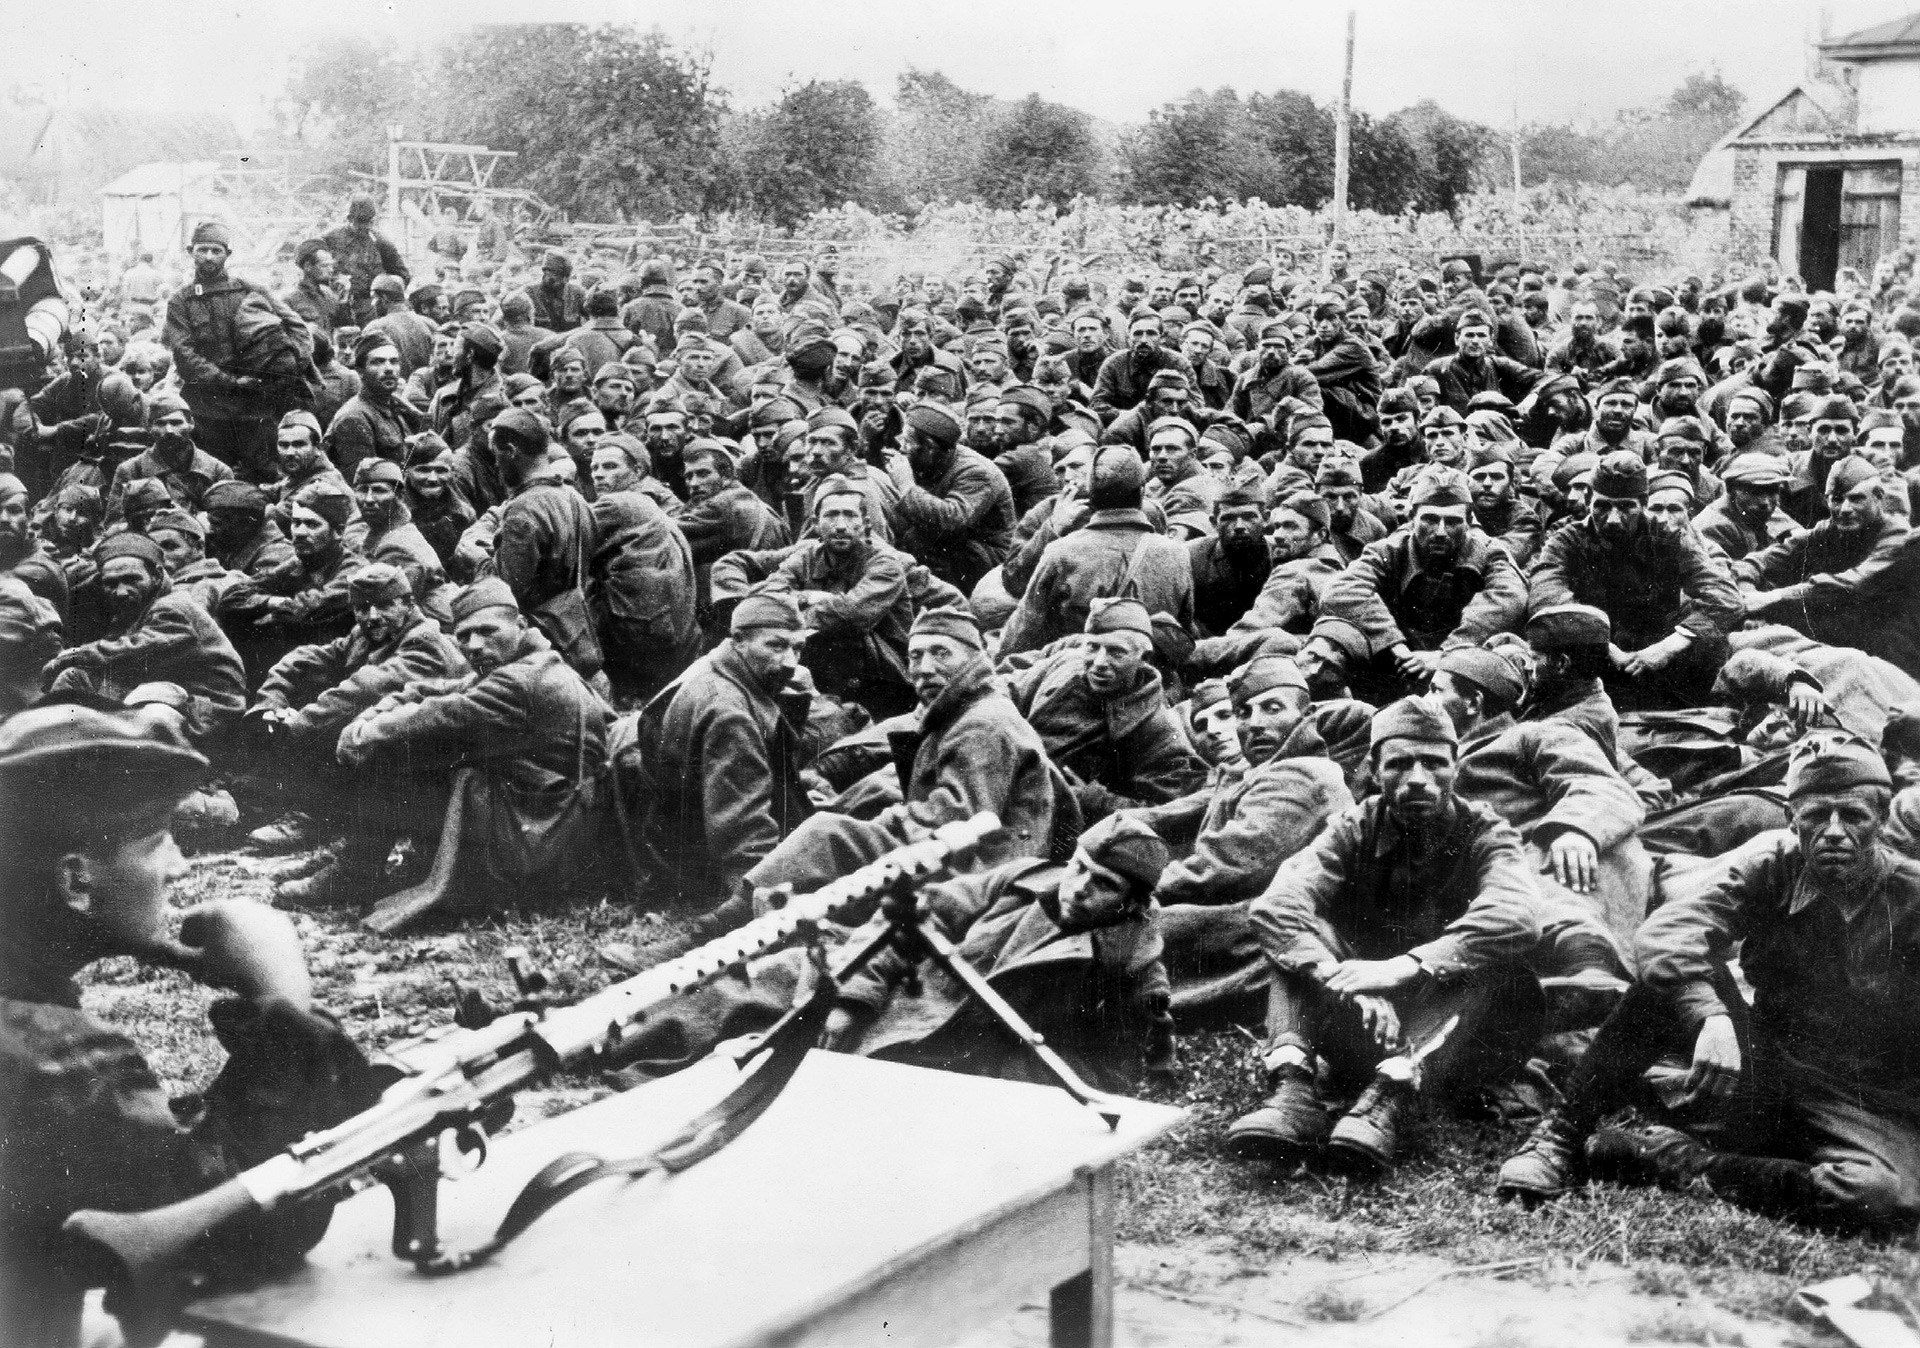 Zarobljeni ruski vojnici poslije bitke kod Kijeva.